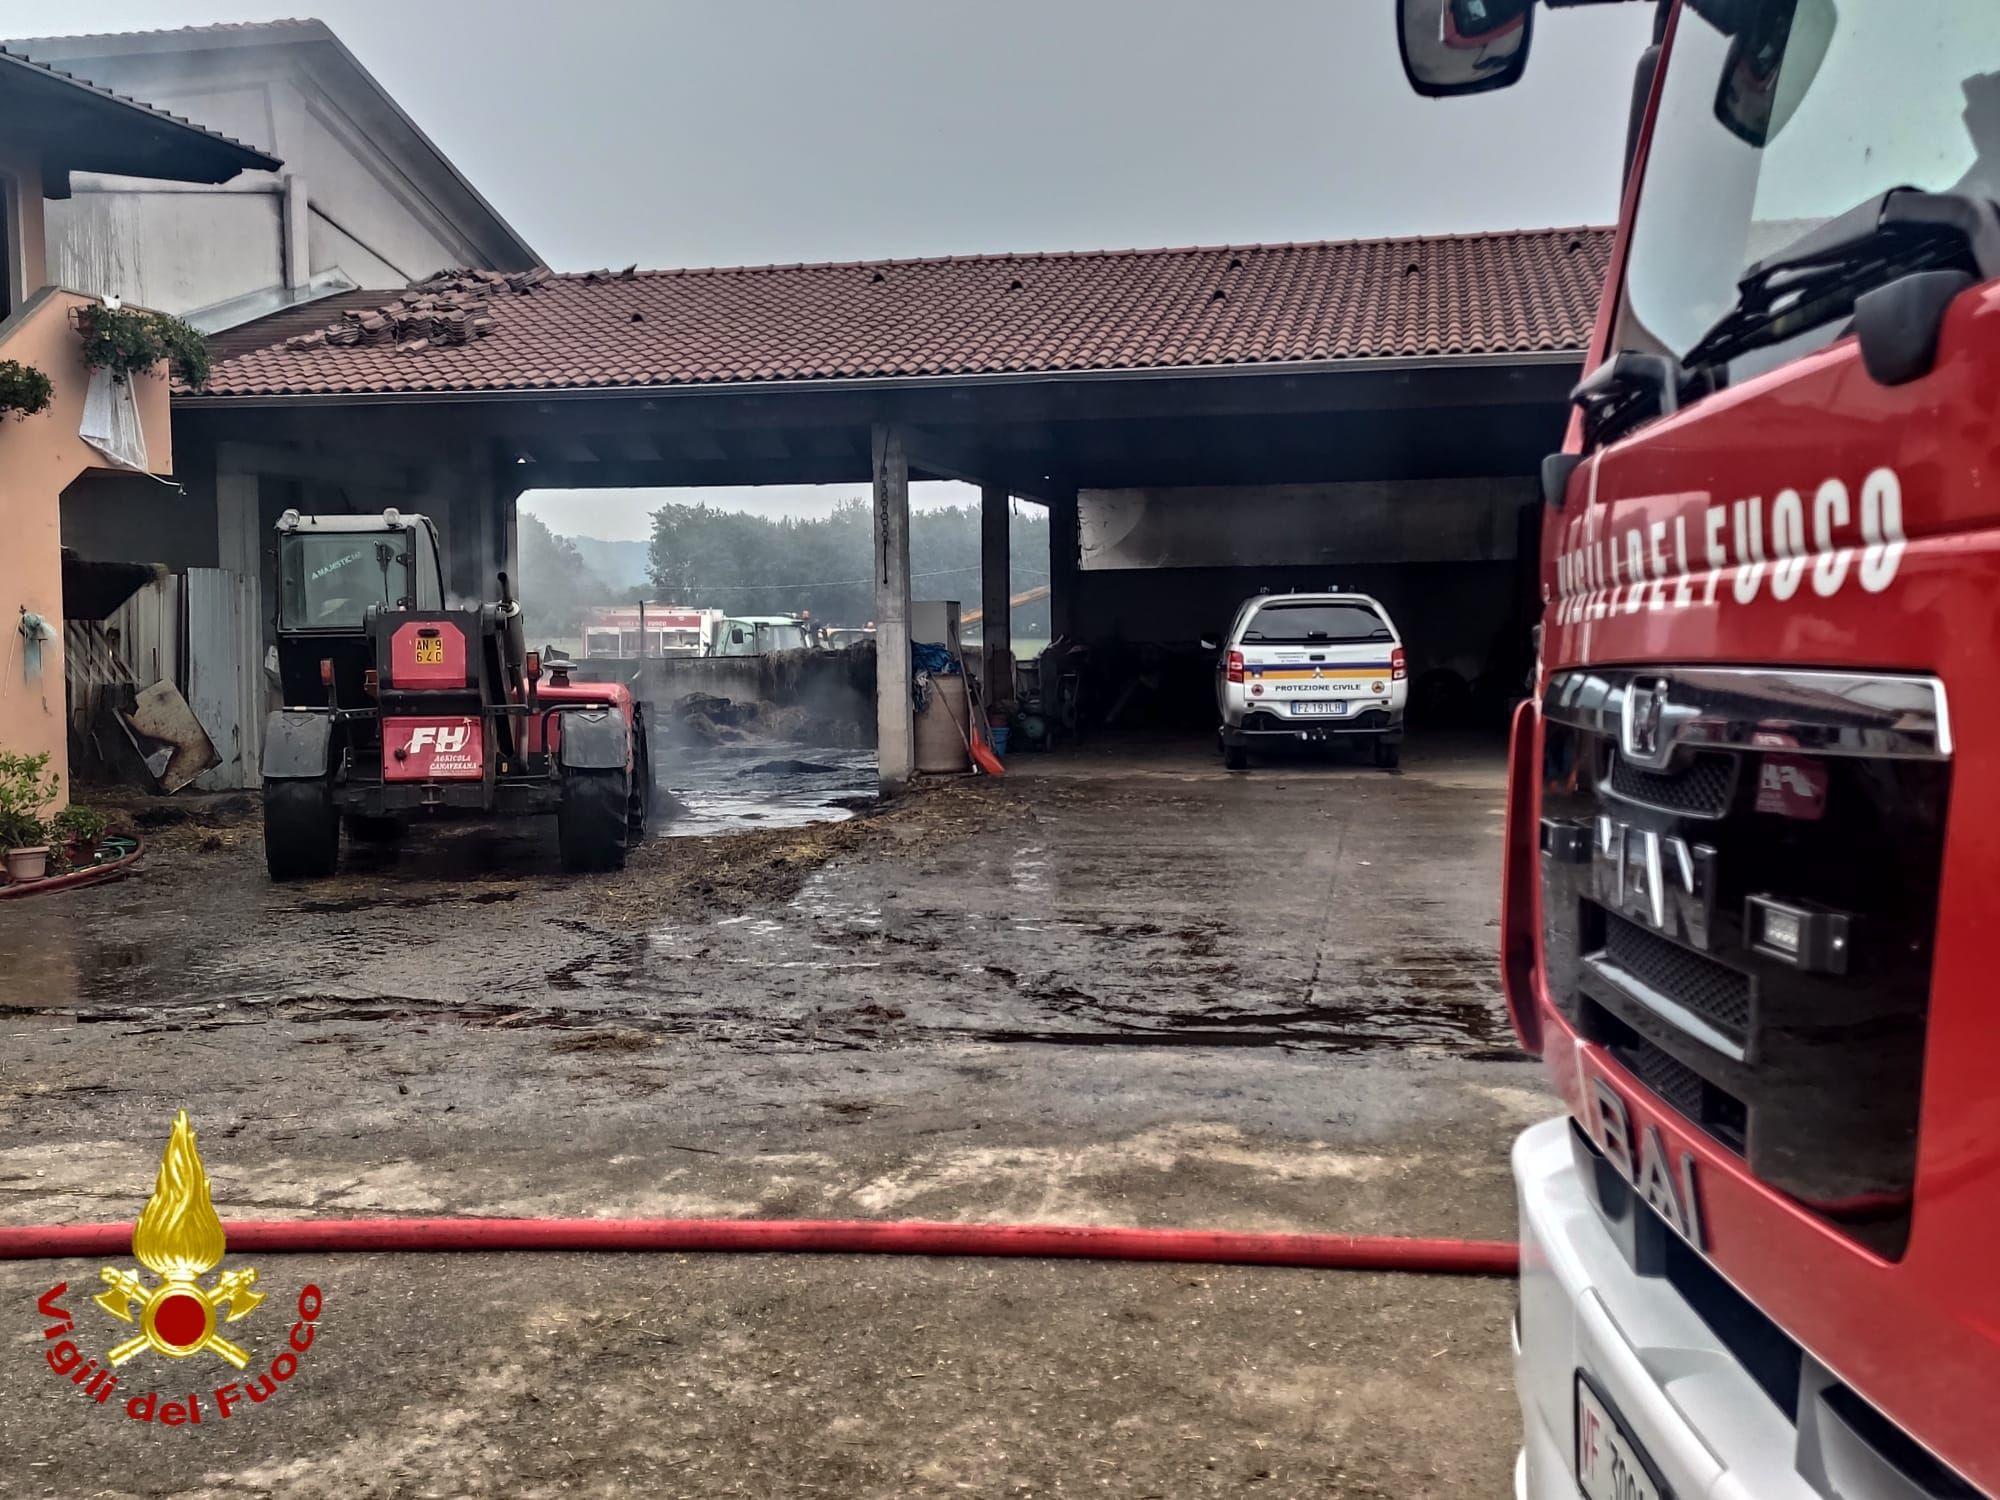 CASTELLAMONTE - Balle di fieno e paglia in dono per gli agricoltori della cascina incendiata a Sant'Antonio - FOTO e VIDEO